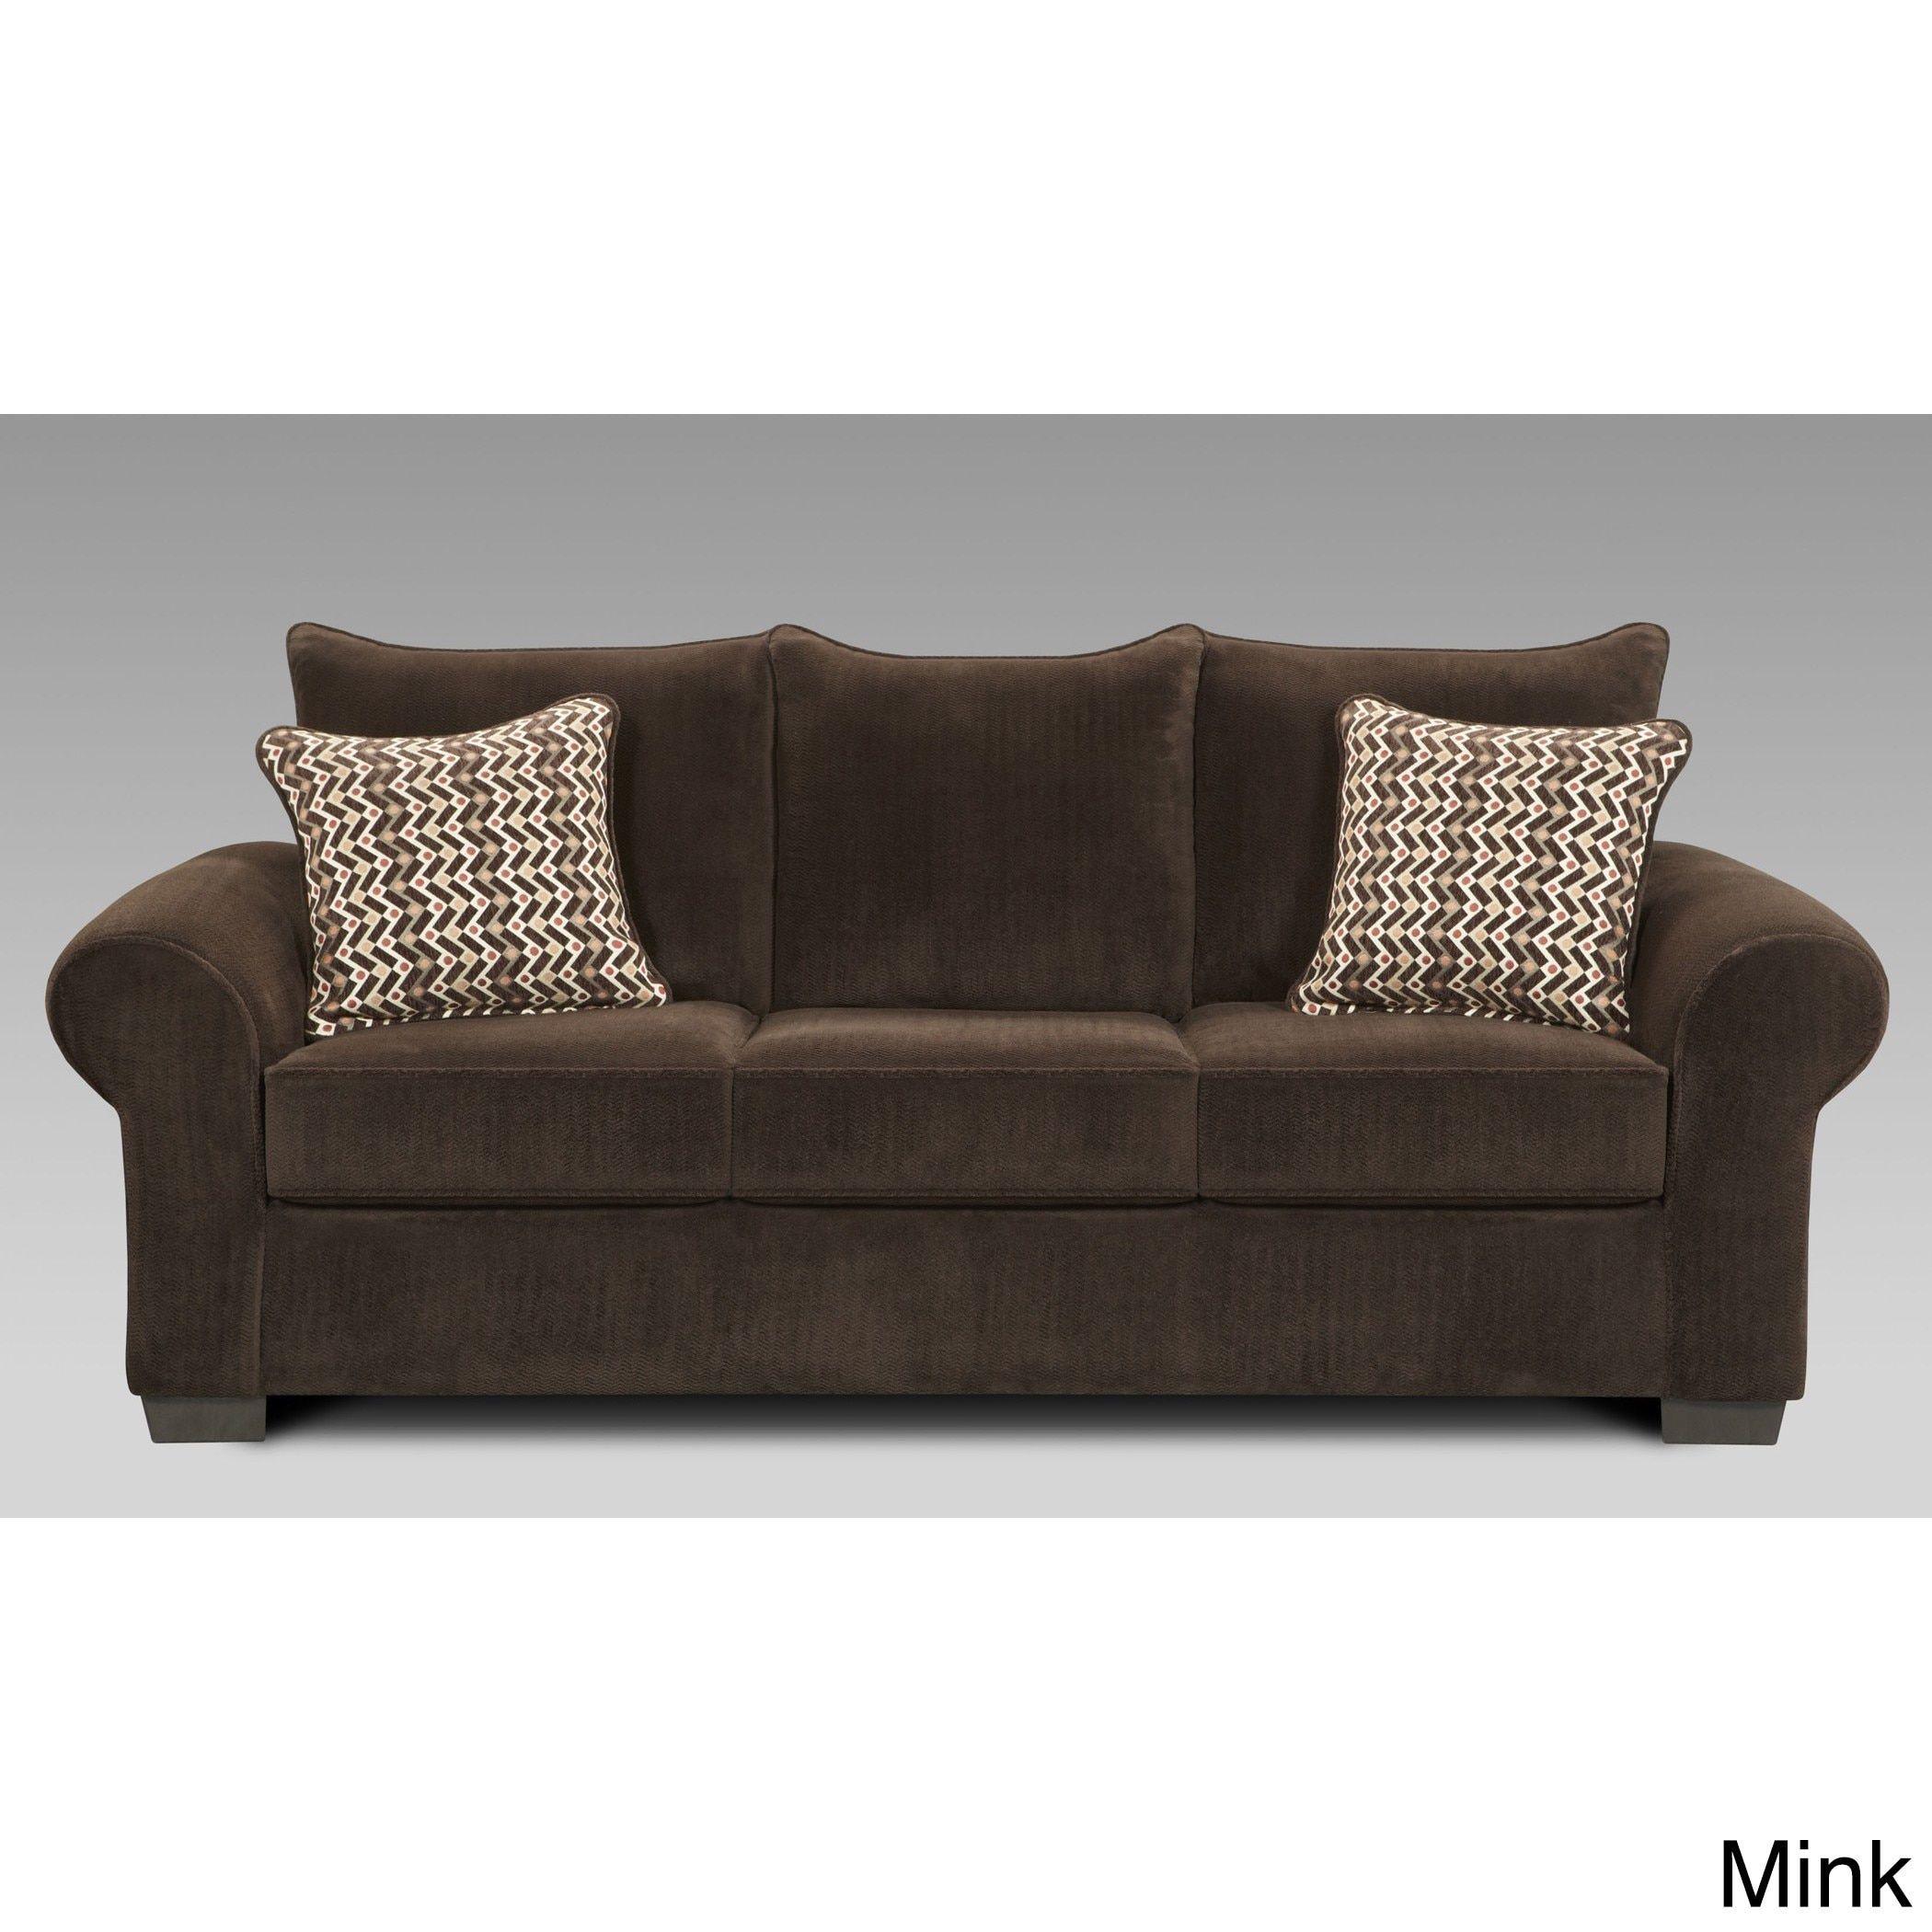 Cyn Sleeper Sofa